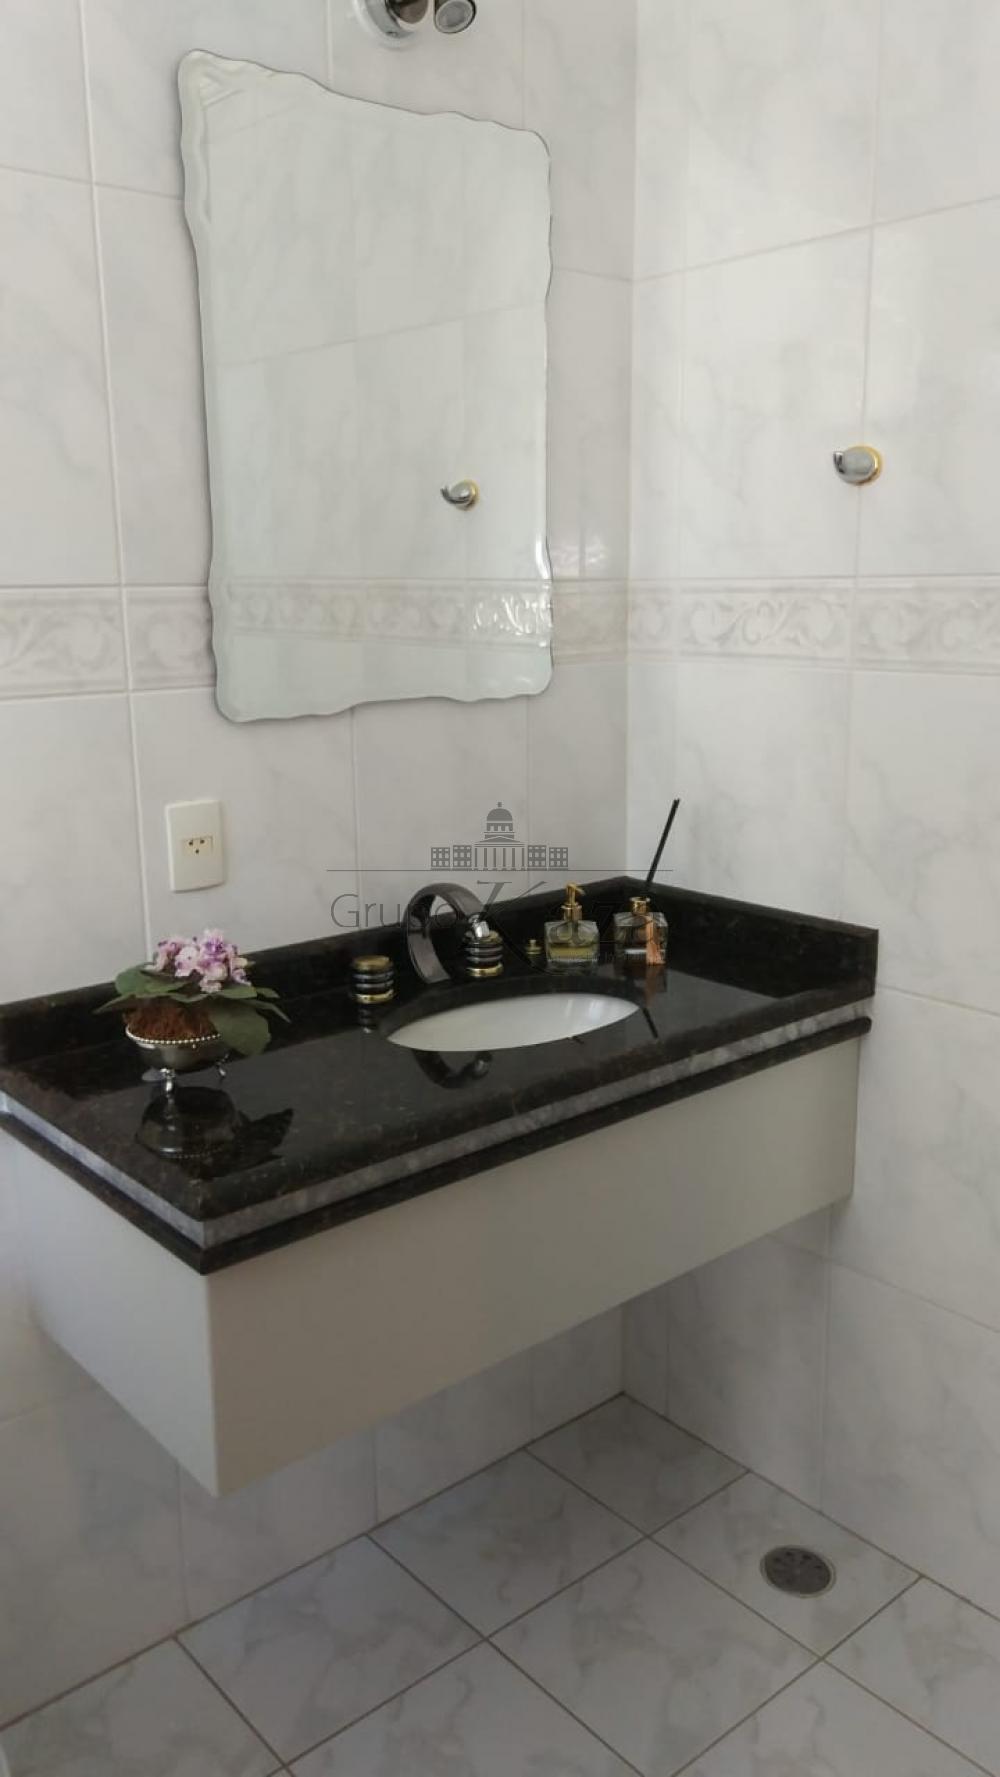 Comprar Apartamento / Padrão em São José dos Campos apenas R$ 1.500.000,00 - Foto 33